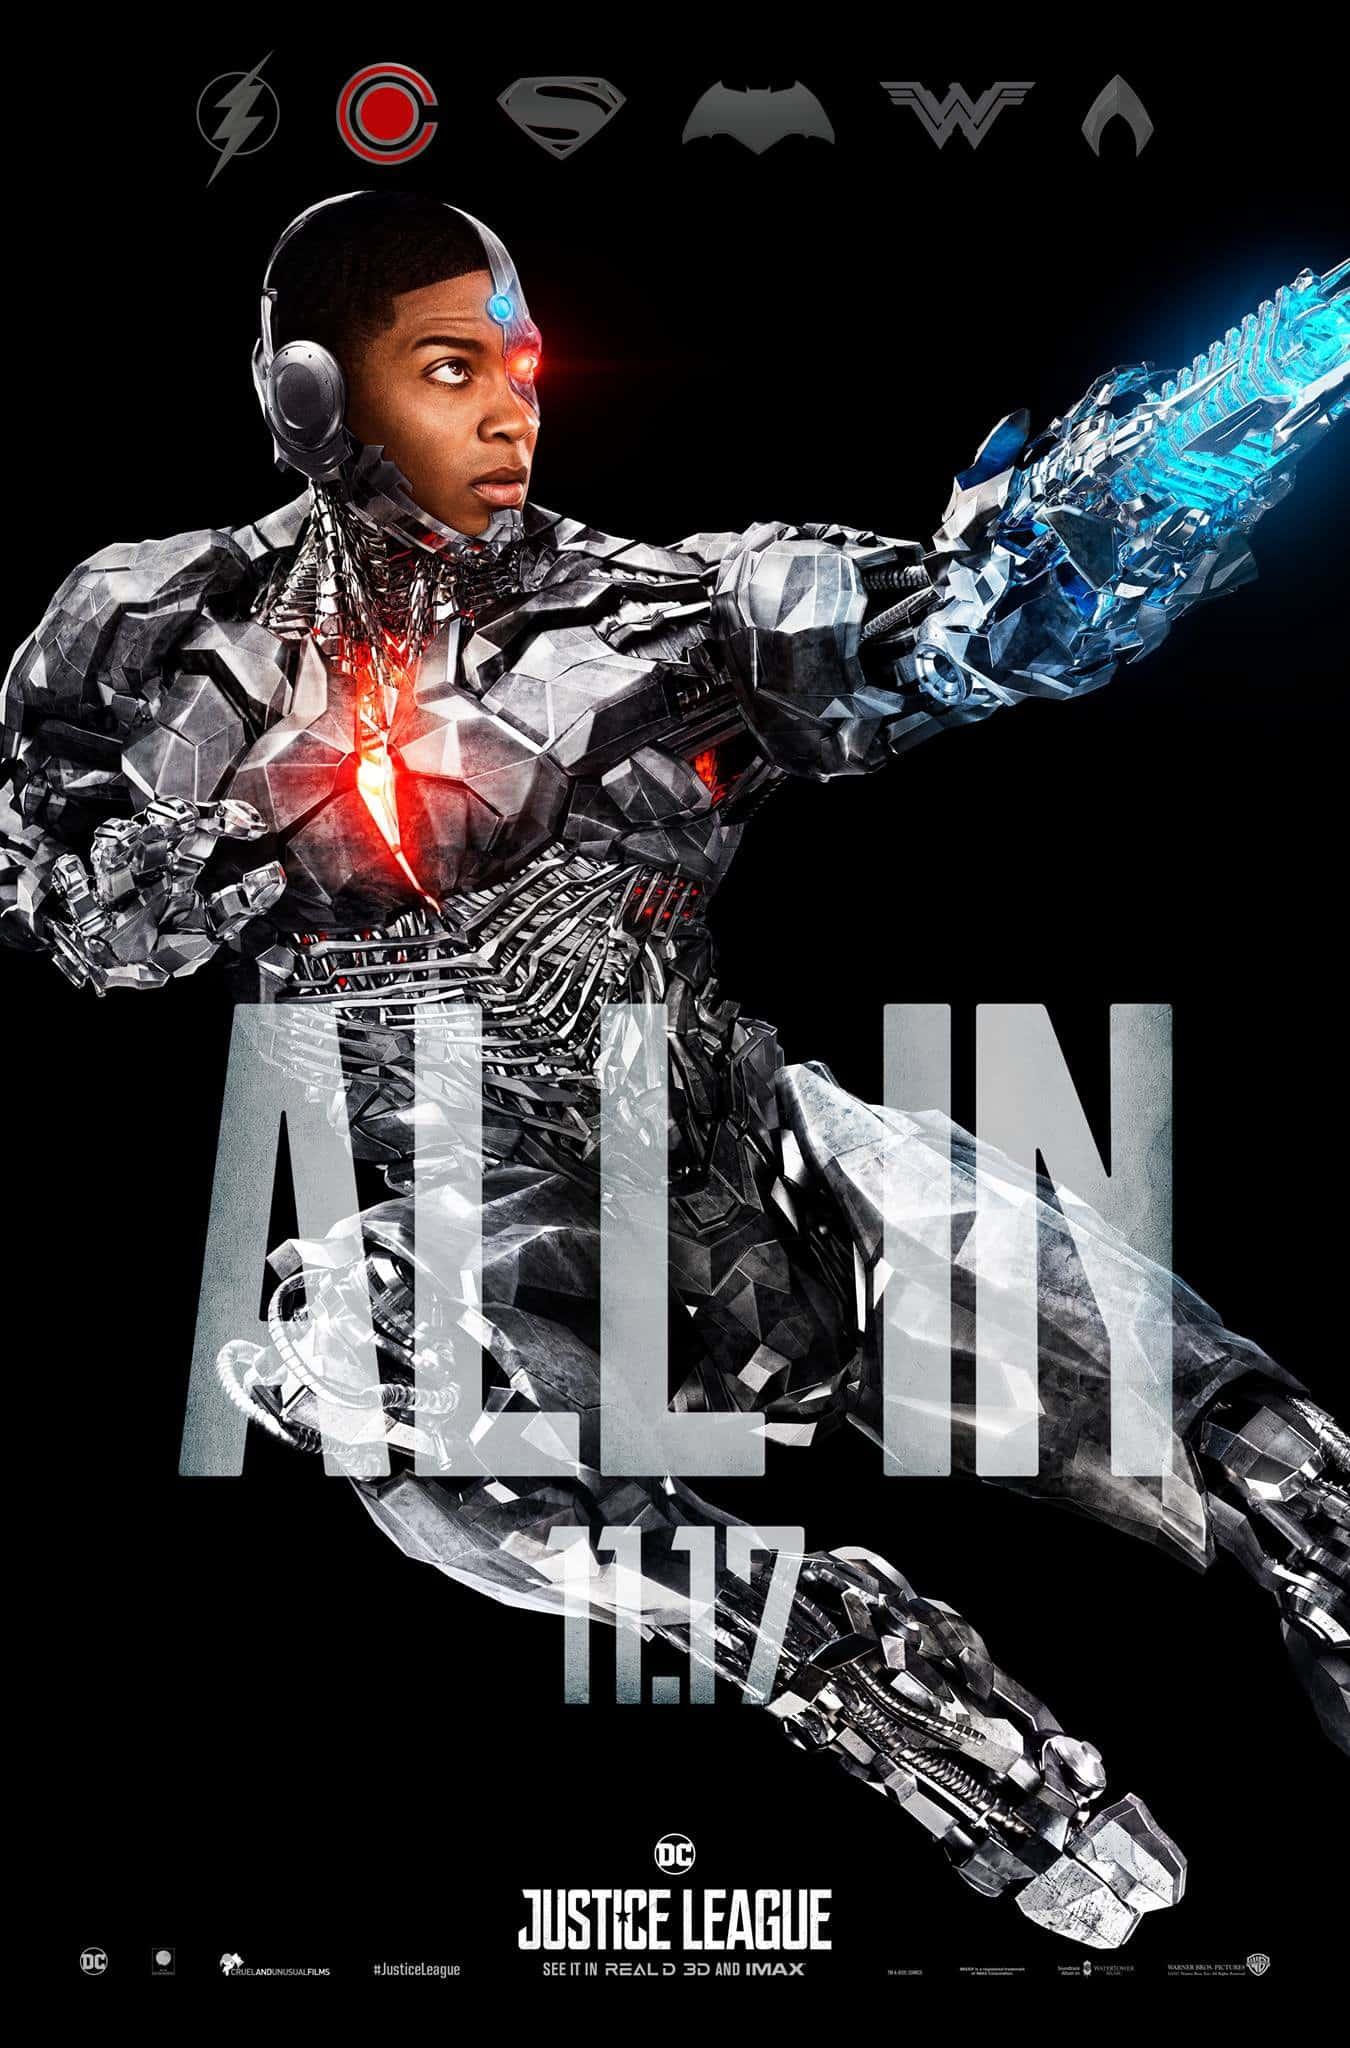 All In - Cyborg